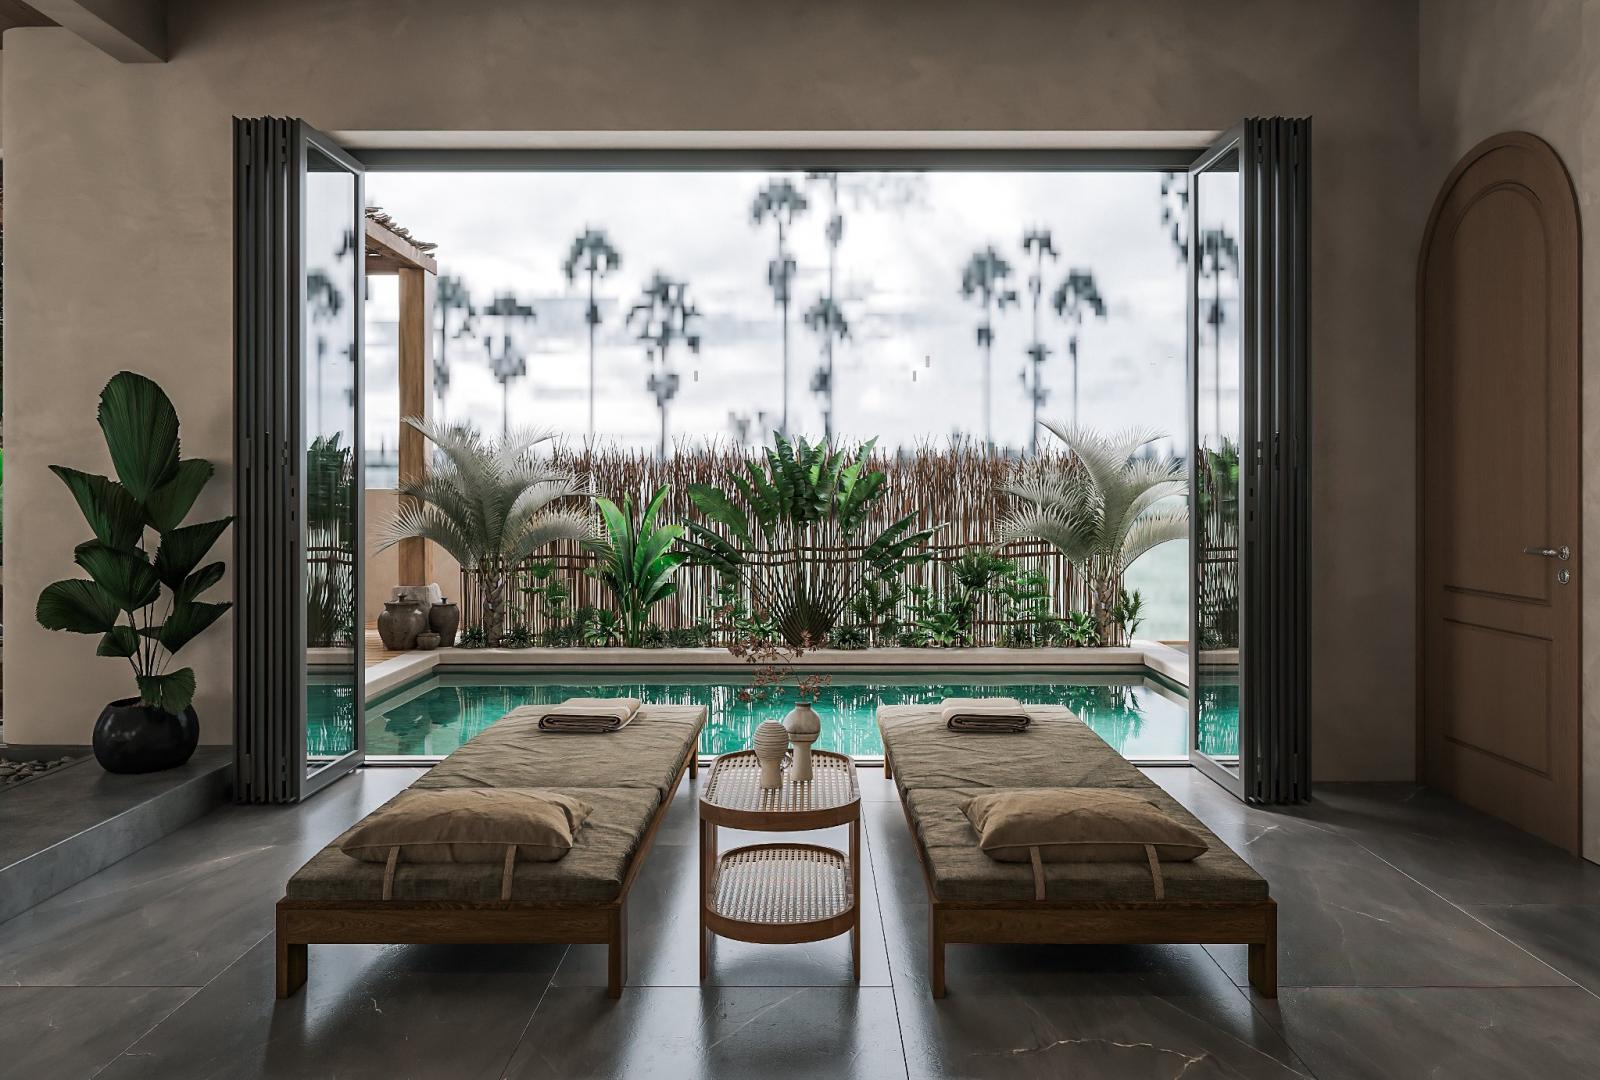 Khu vực bể bơi gia đình trên tầng 2 biệt thự được thiết kế tựa như resort nghỉ dưỡng.